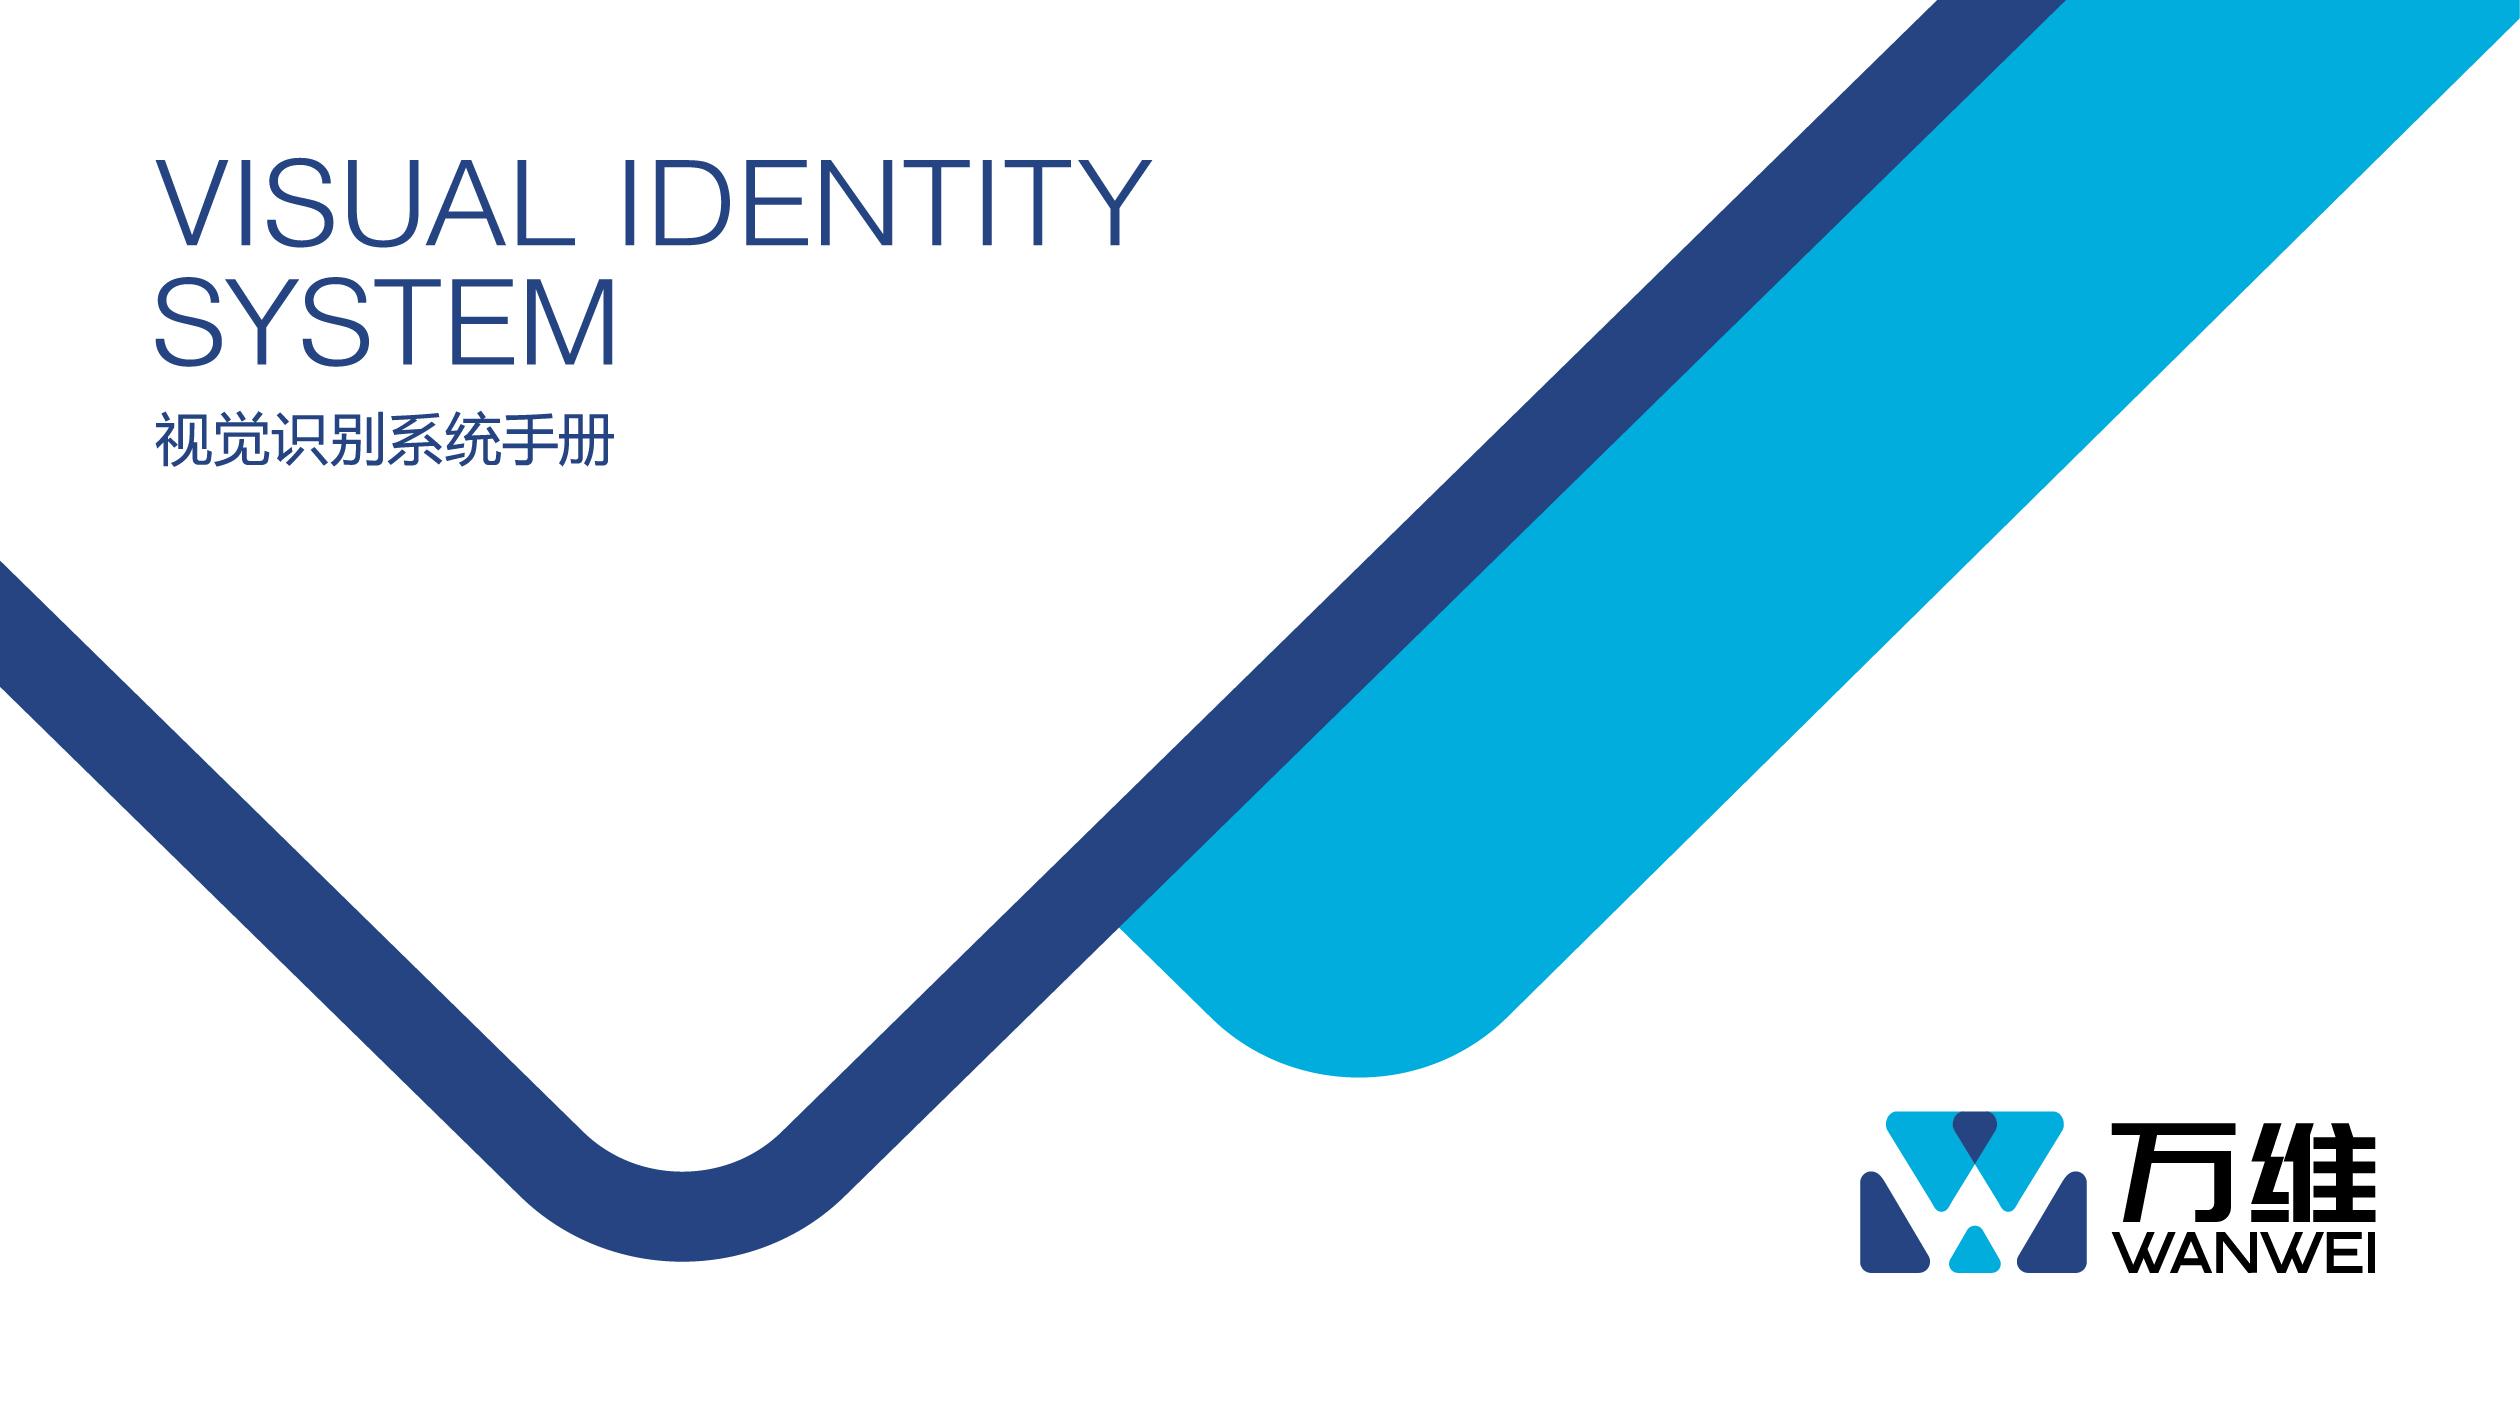 万维科技公司VI设计